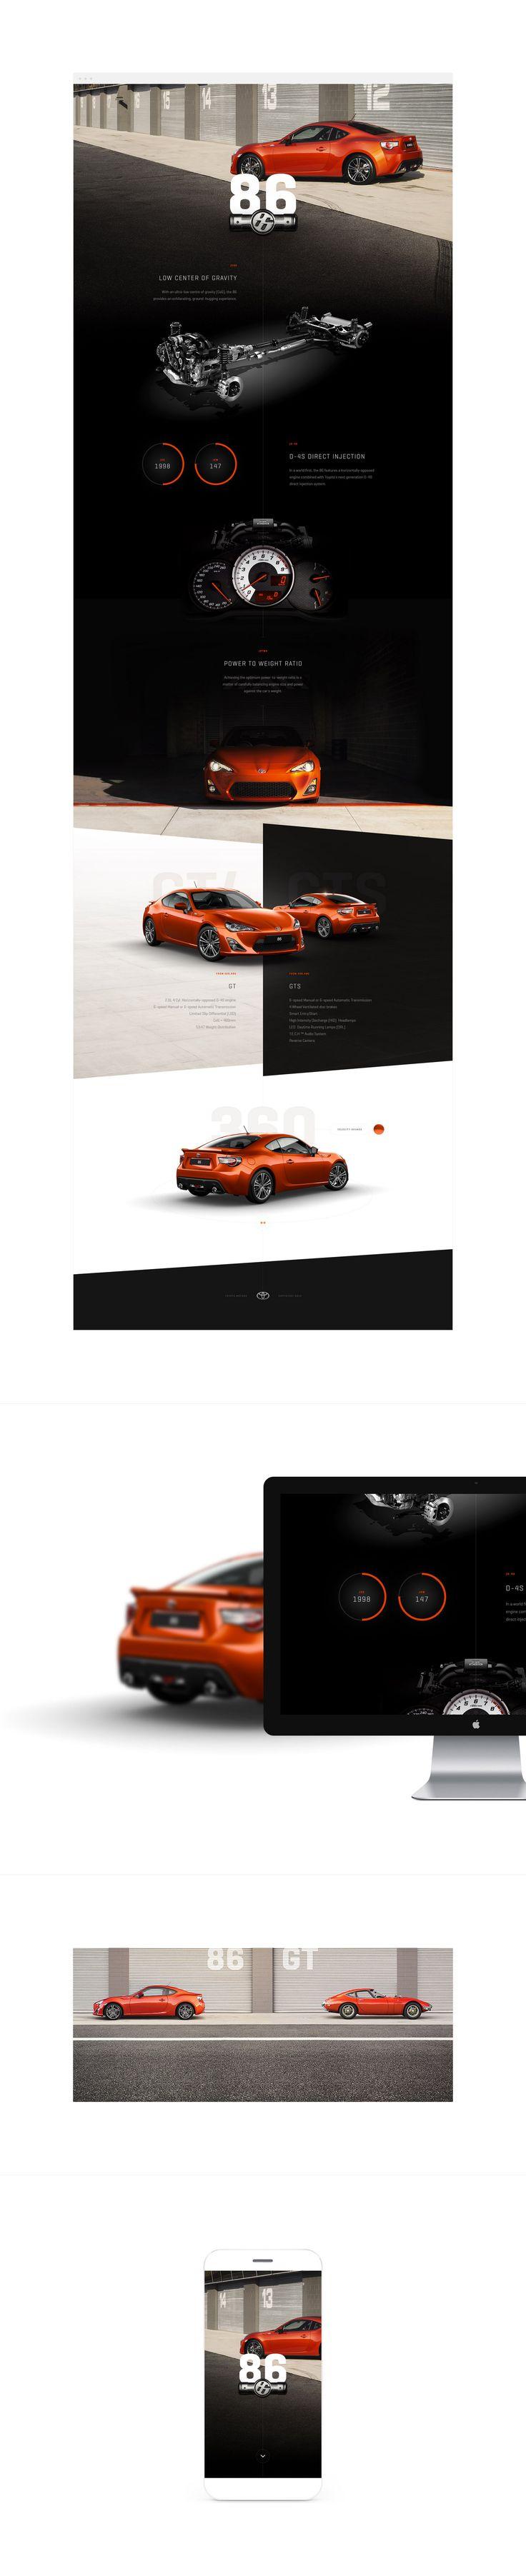 Toyota 86 - Twofold.com